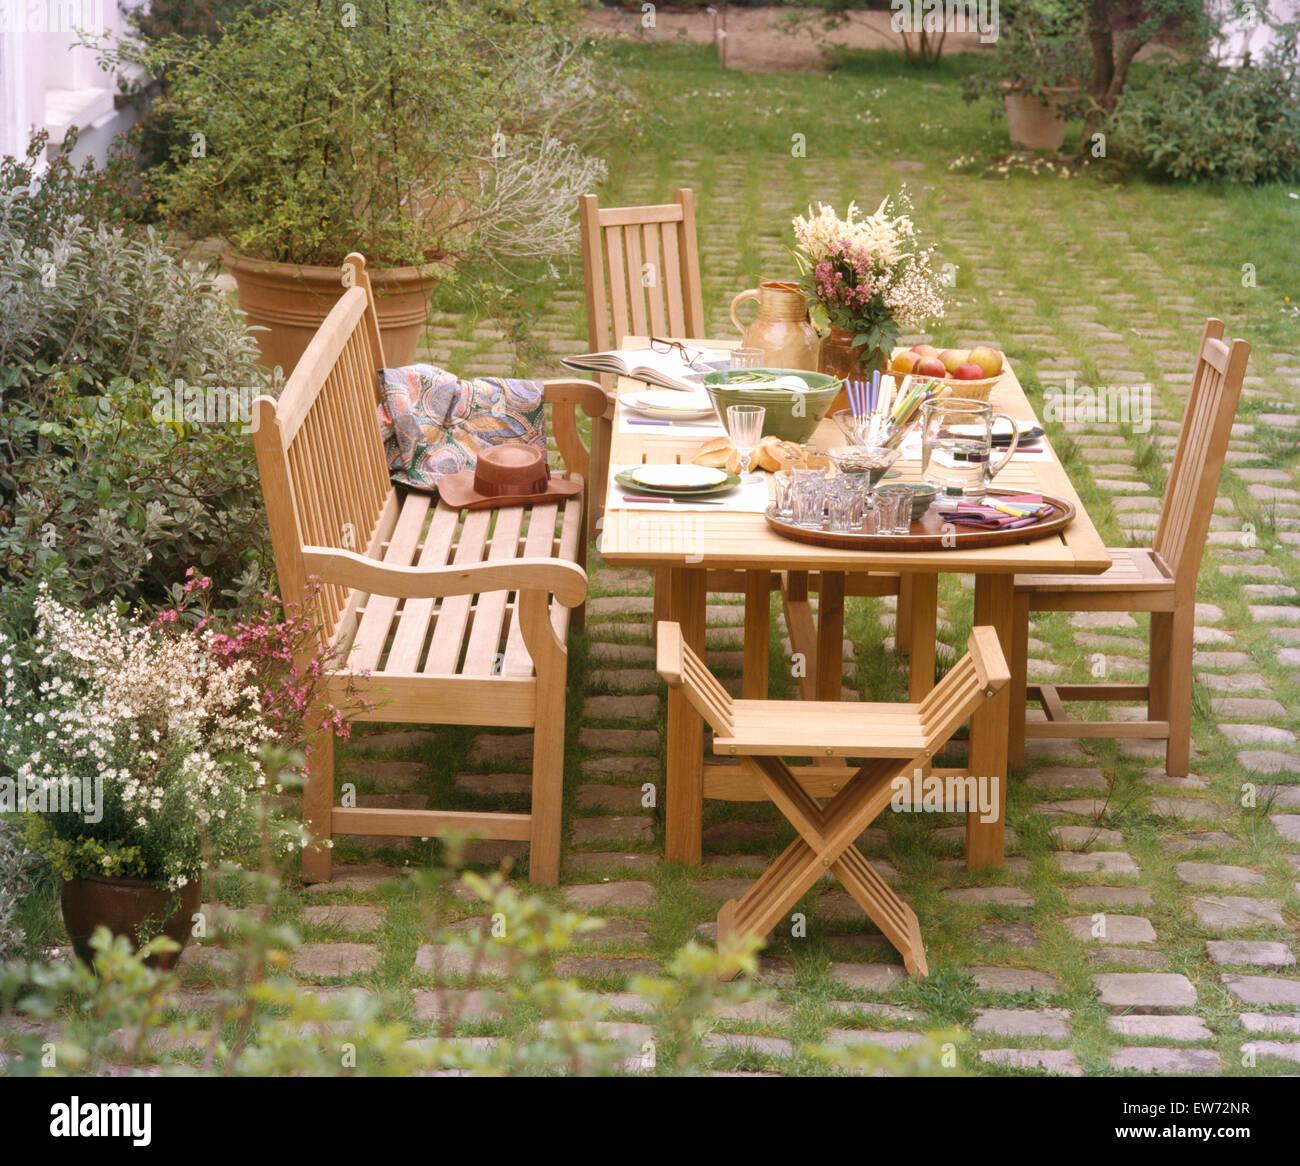 Banc déjeuner bois pour le chaises table et au en set de des 7gybf6Y